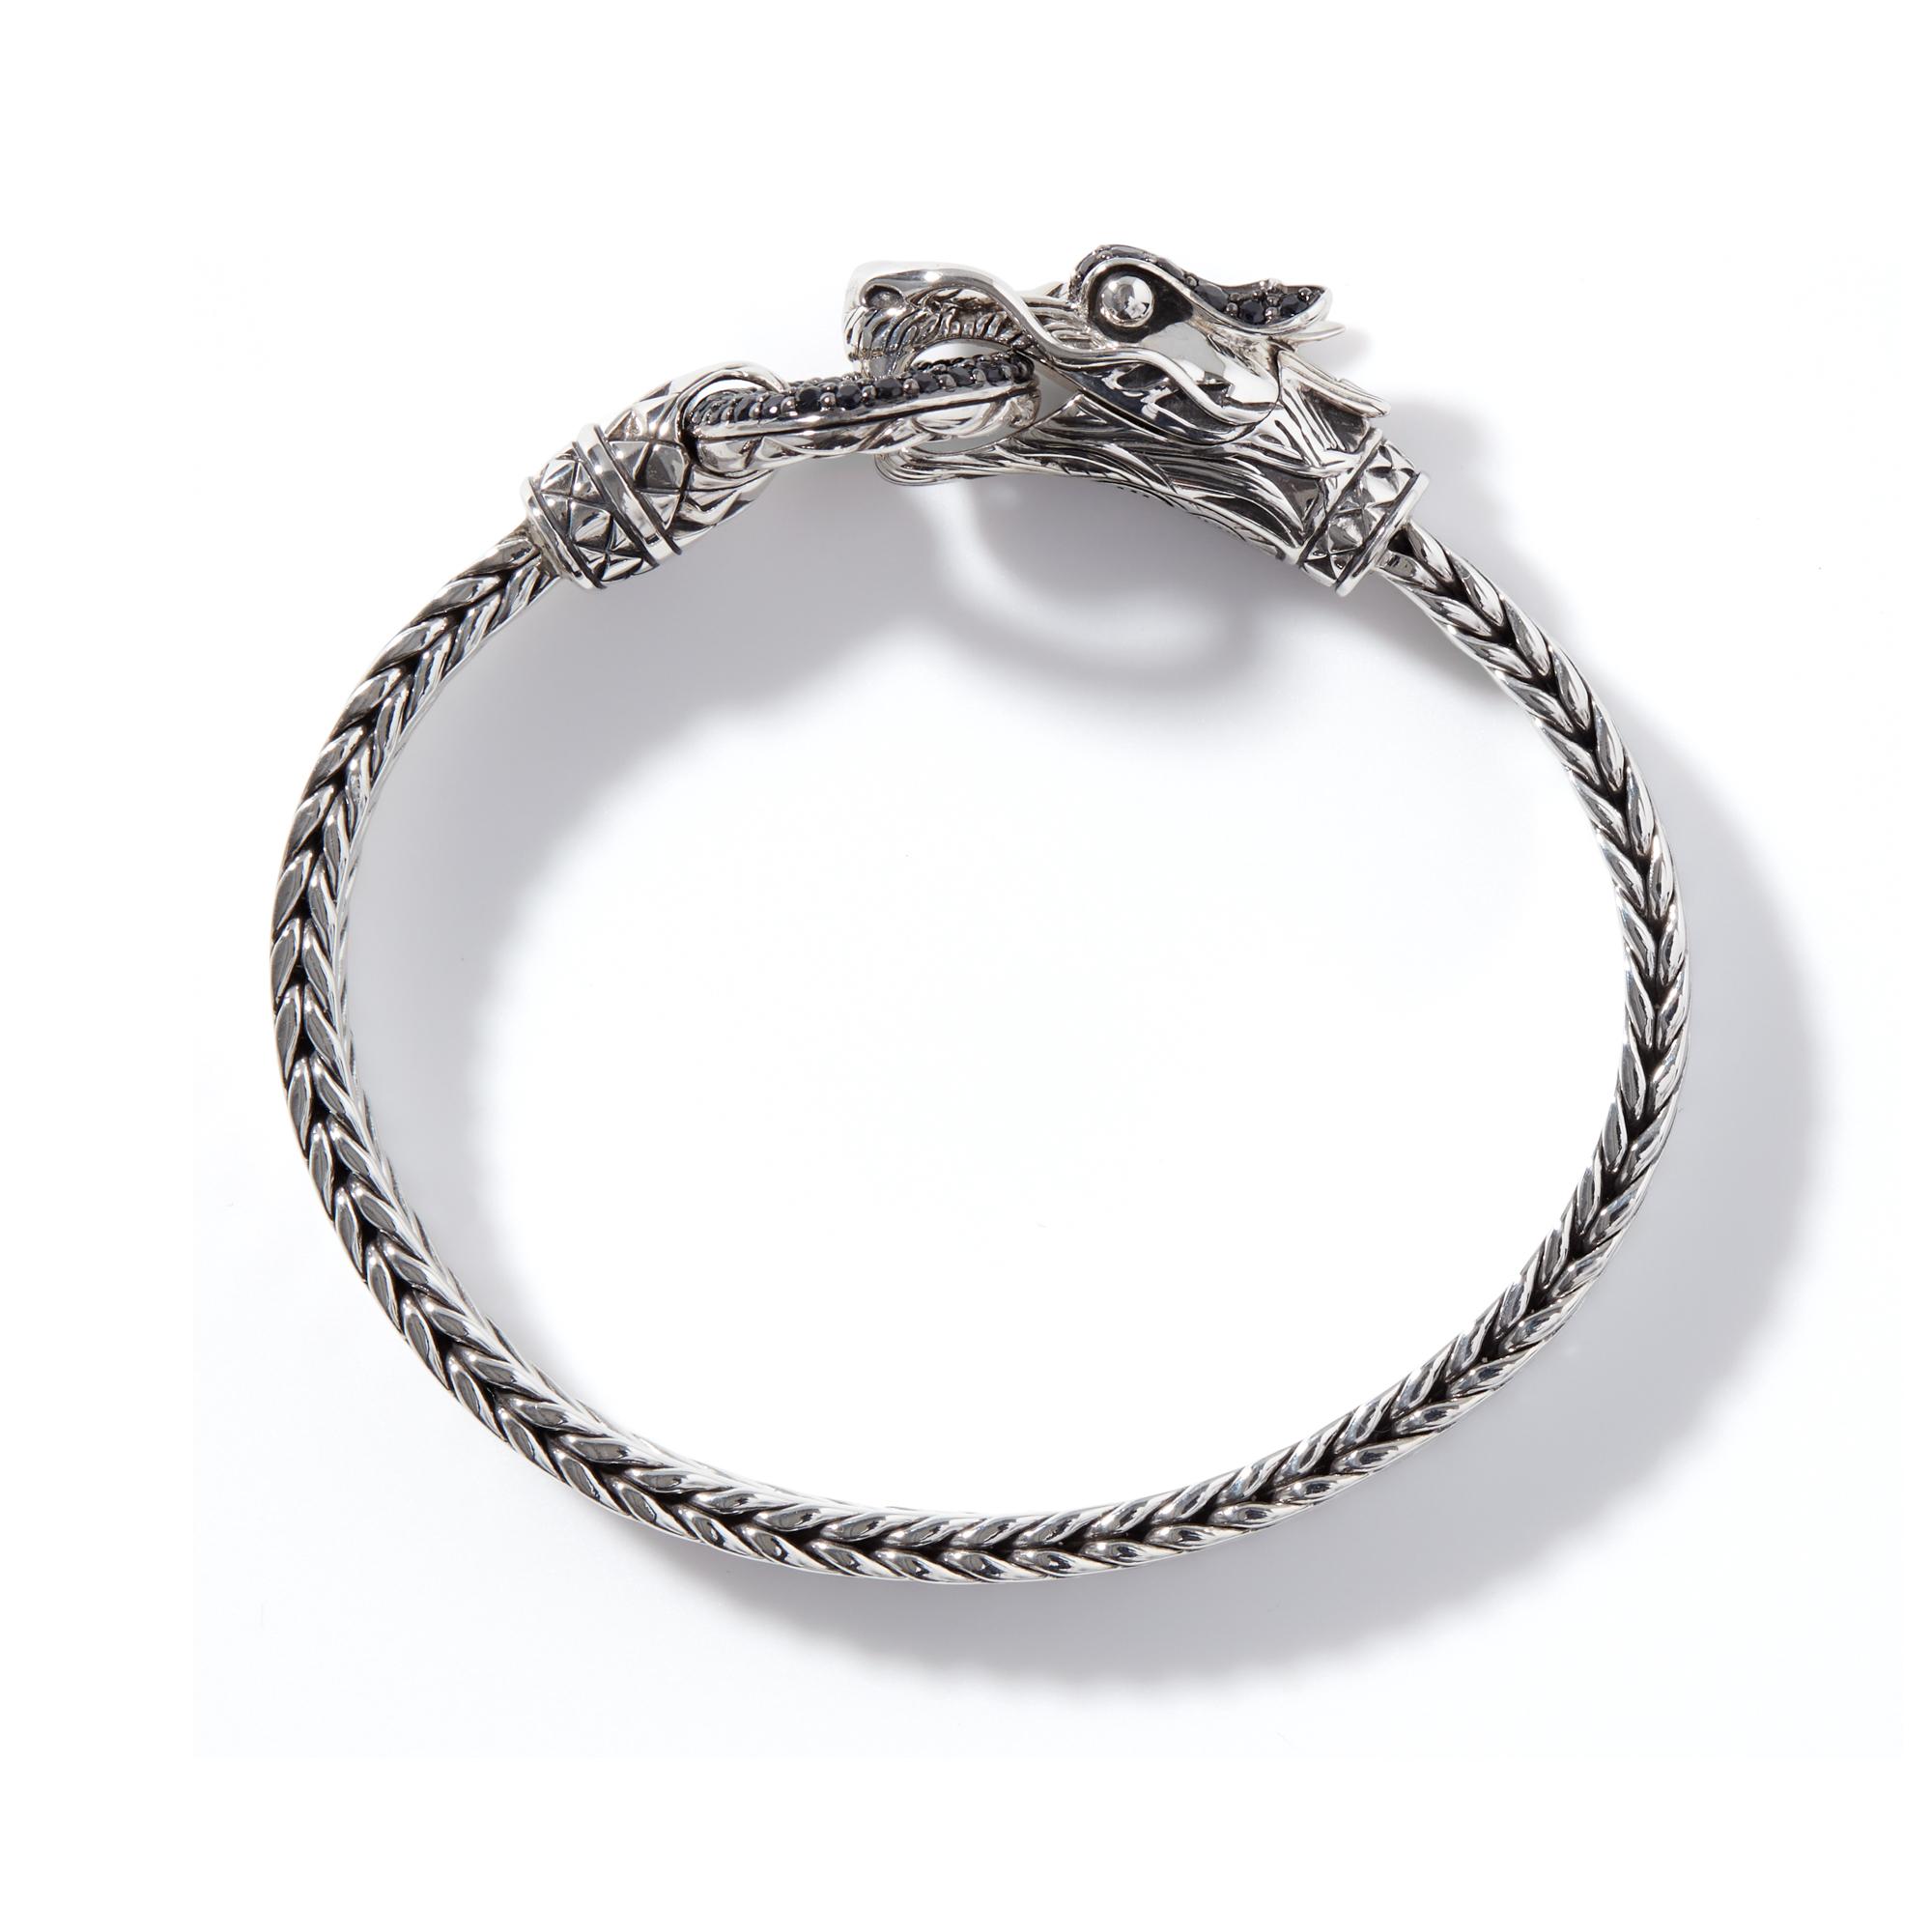 Legends Naga 7MM Station Bracelet in Silver with Gemstone, Black Sapphire, large